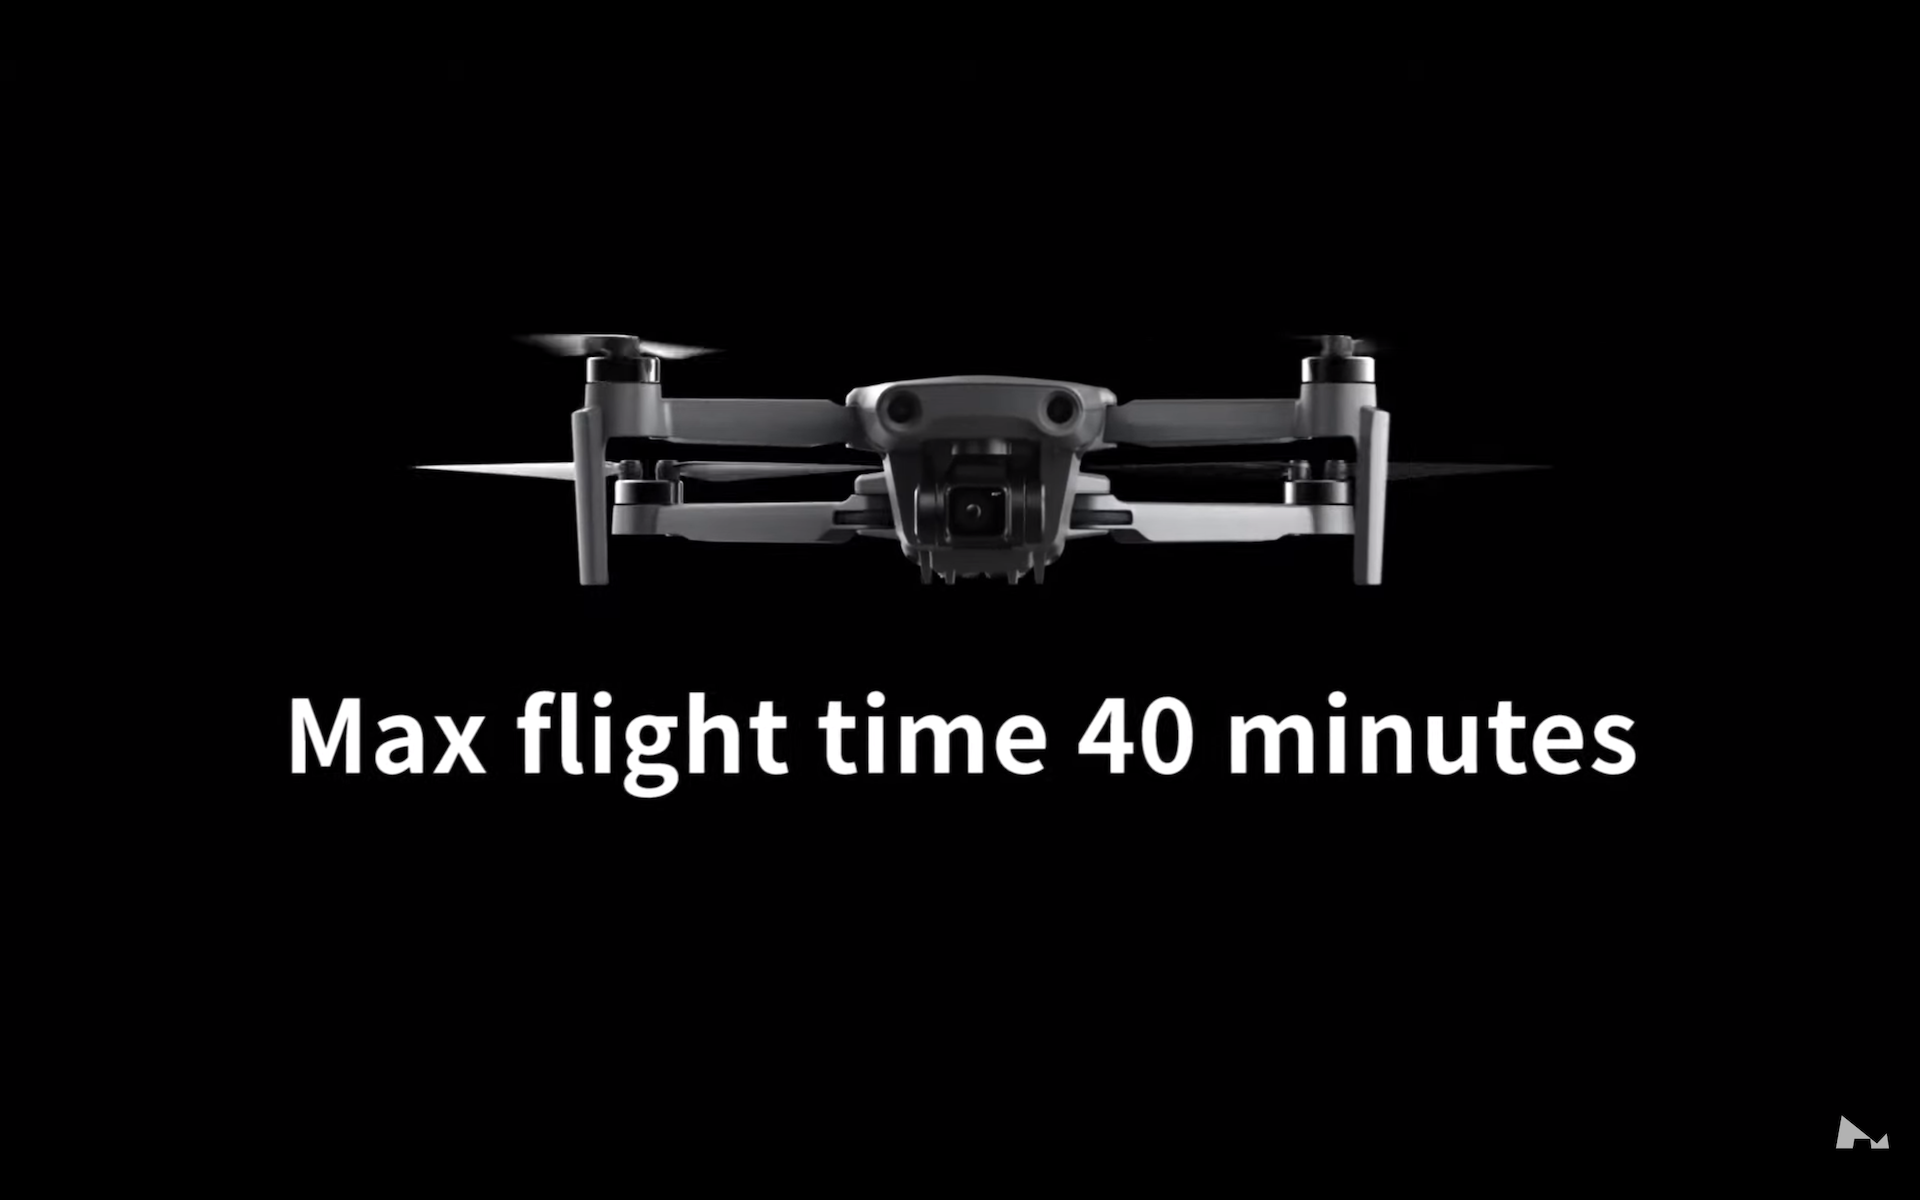 撼 DJI Mini 2? Hubsan 推 Zino Mini Pro 迷你無人機 可拍攝 4K 影片